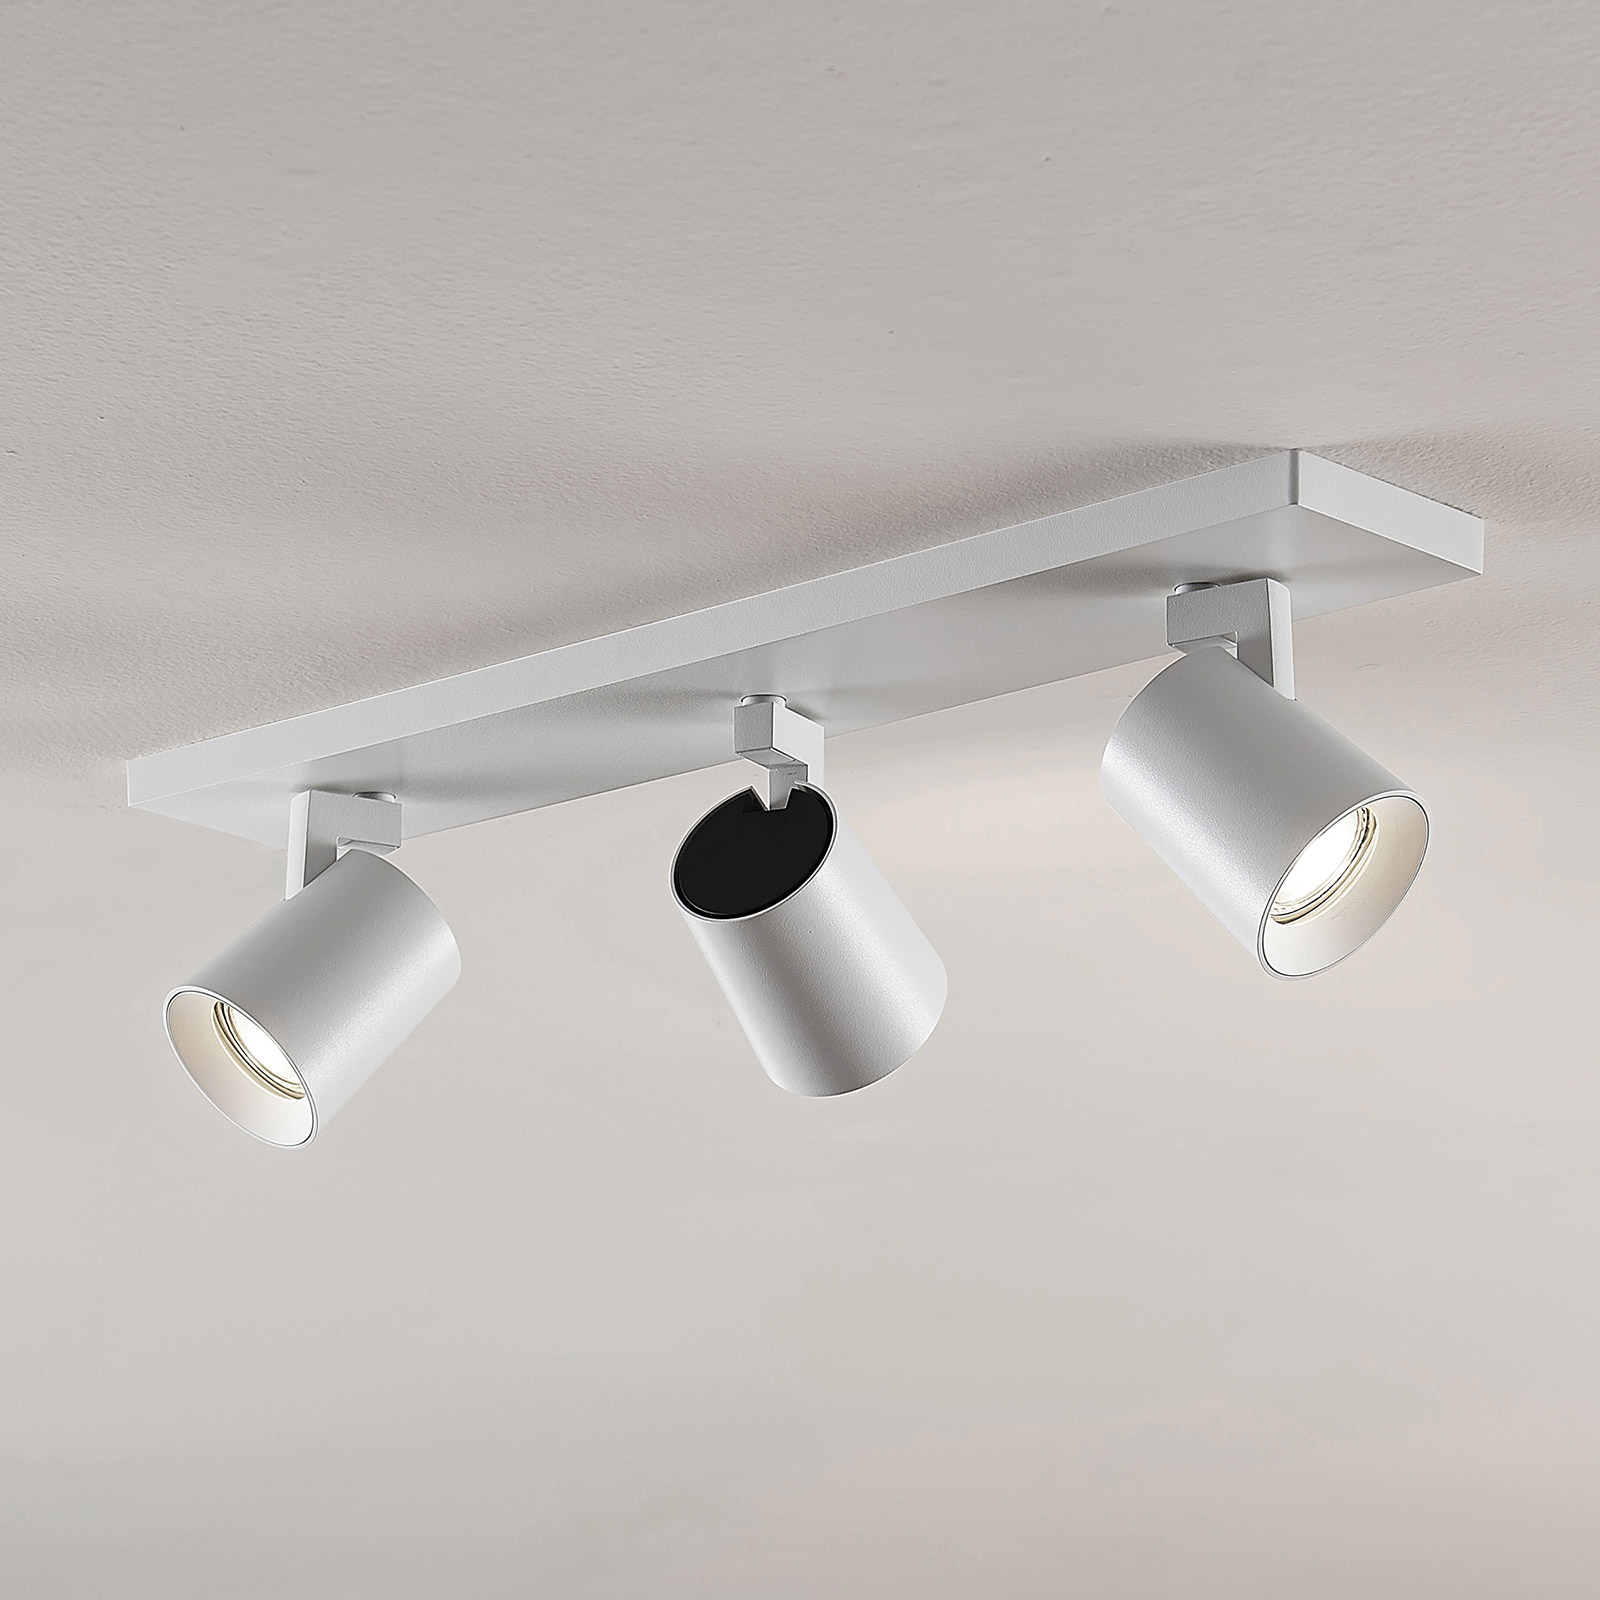 Arcchio Iavo-spotti kulmikas, valkoinen, 3 lamppua